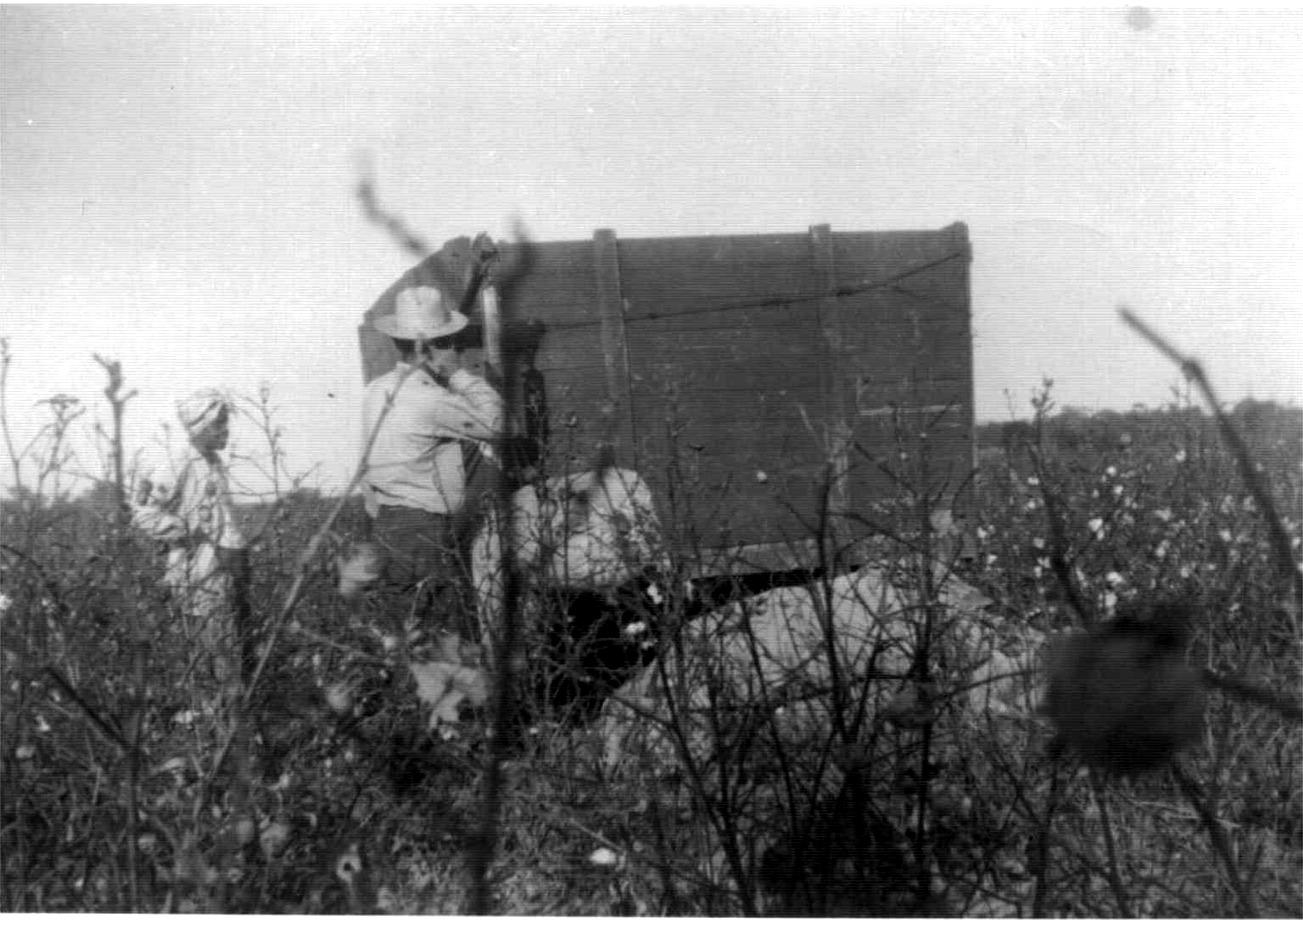 LB weighing cotton